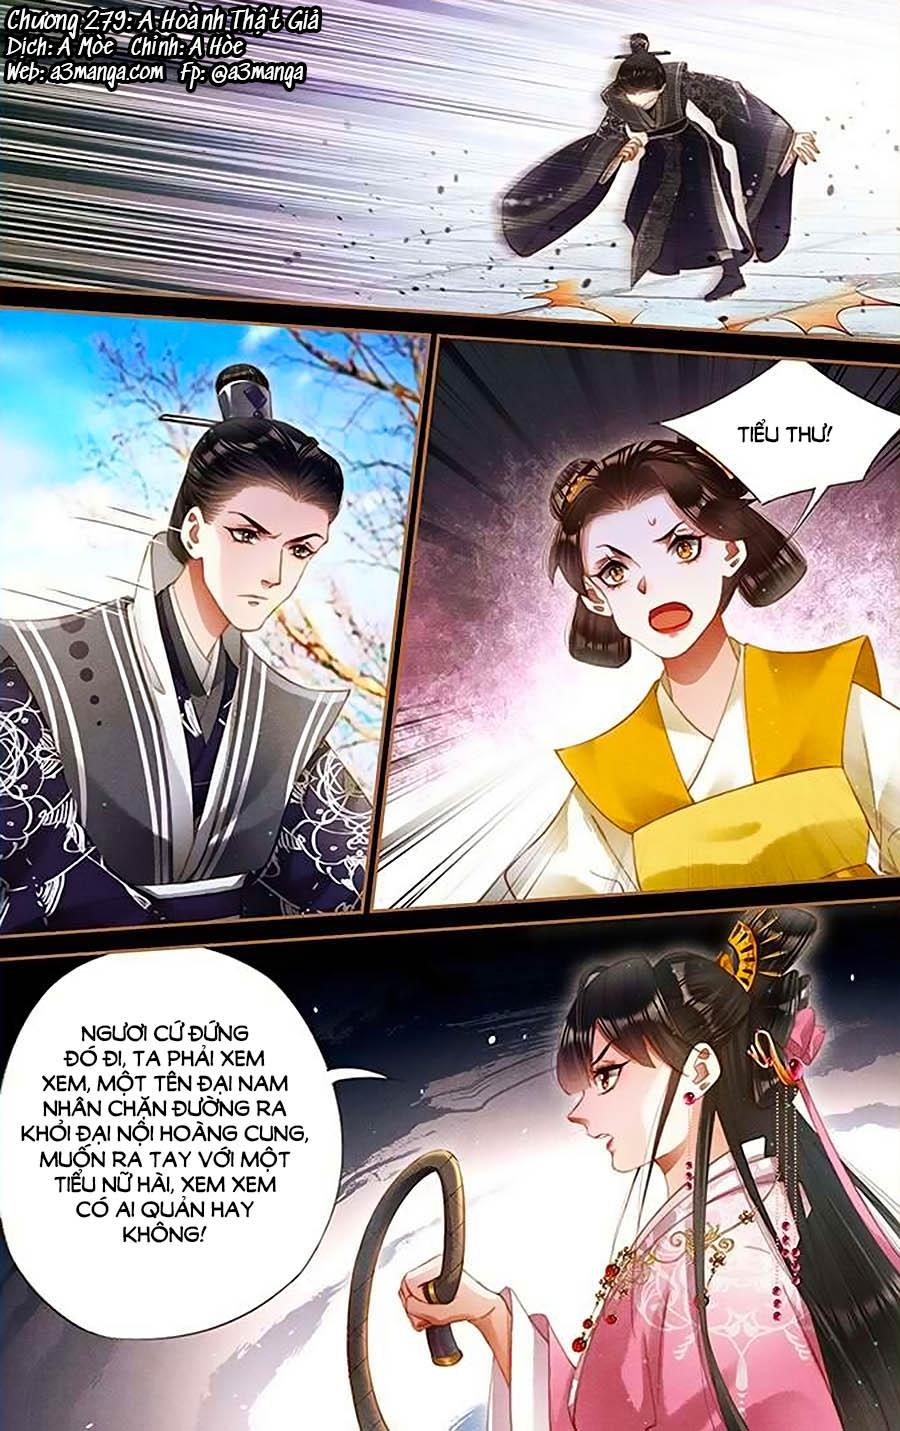 Thần Y Đích Nữ chap 279 - Trang 1